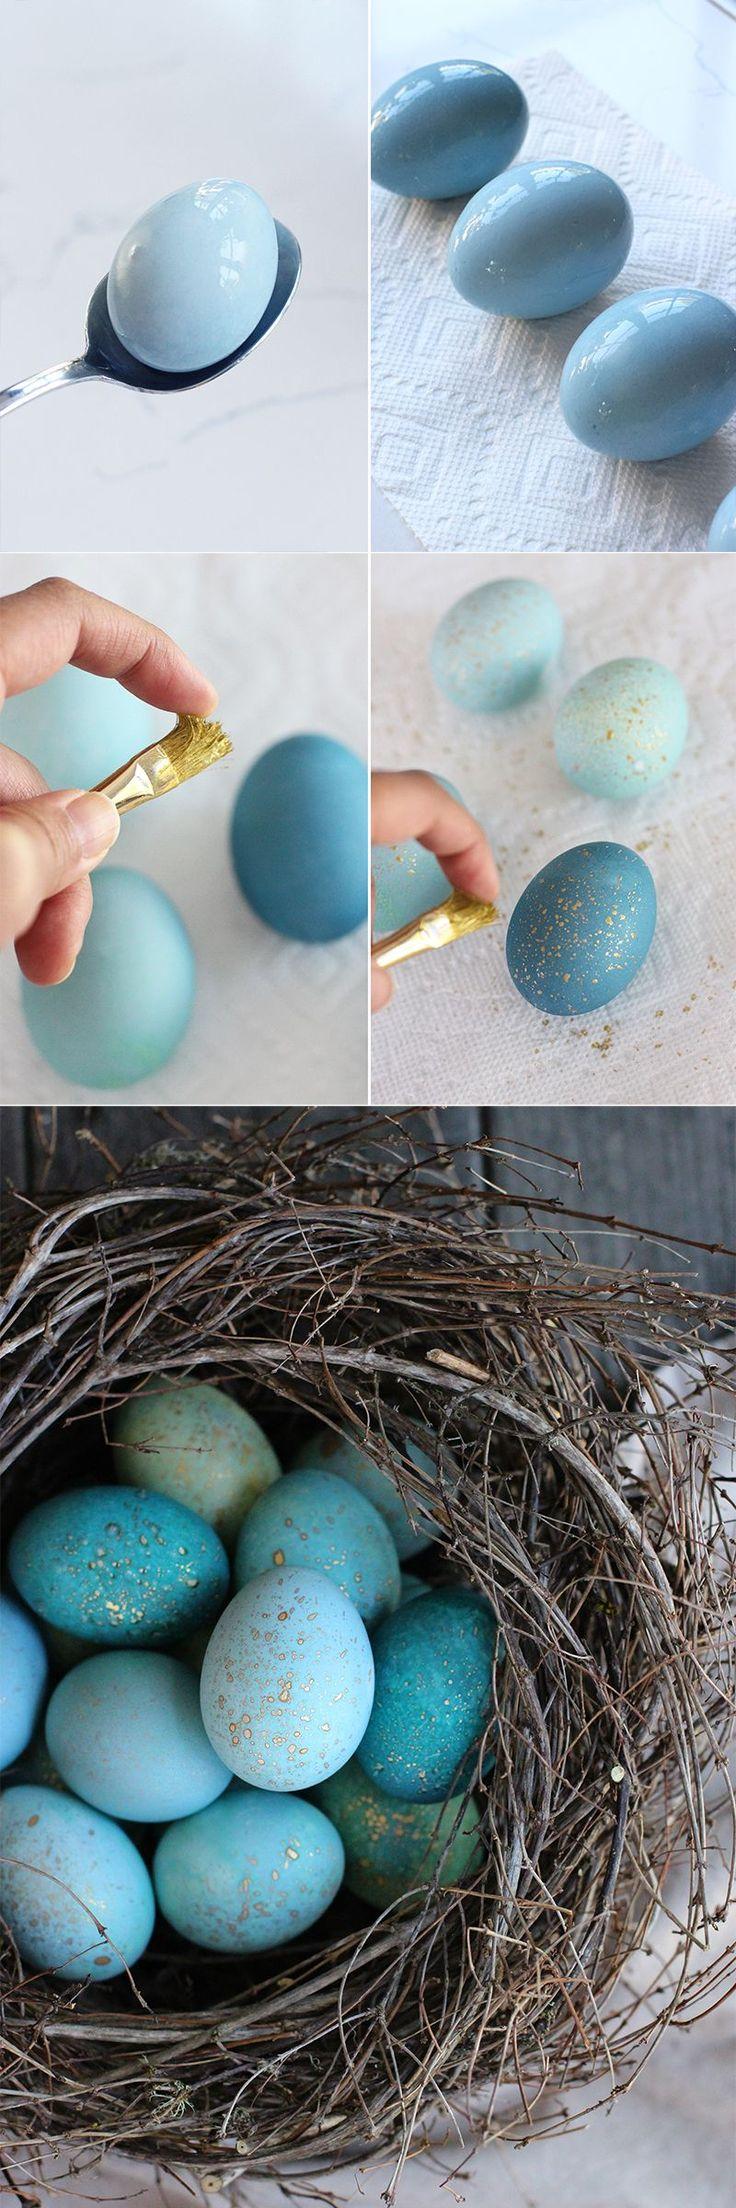 Schöne Idee zu Ostern